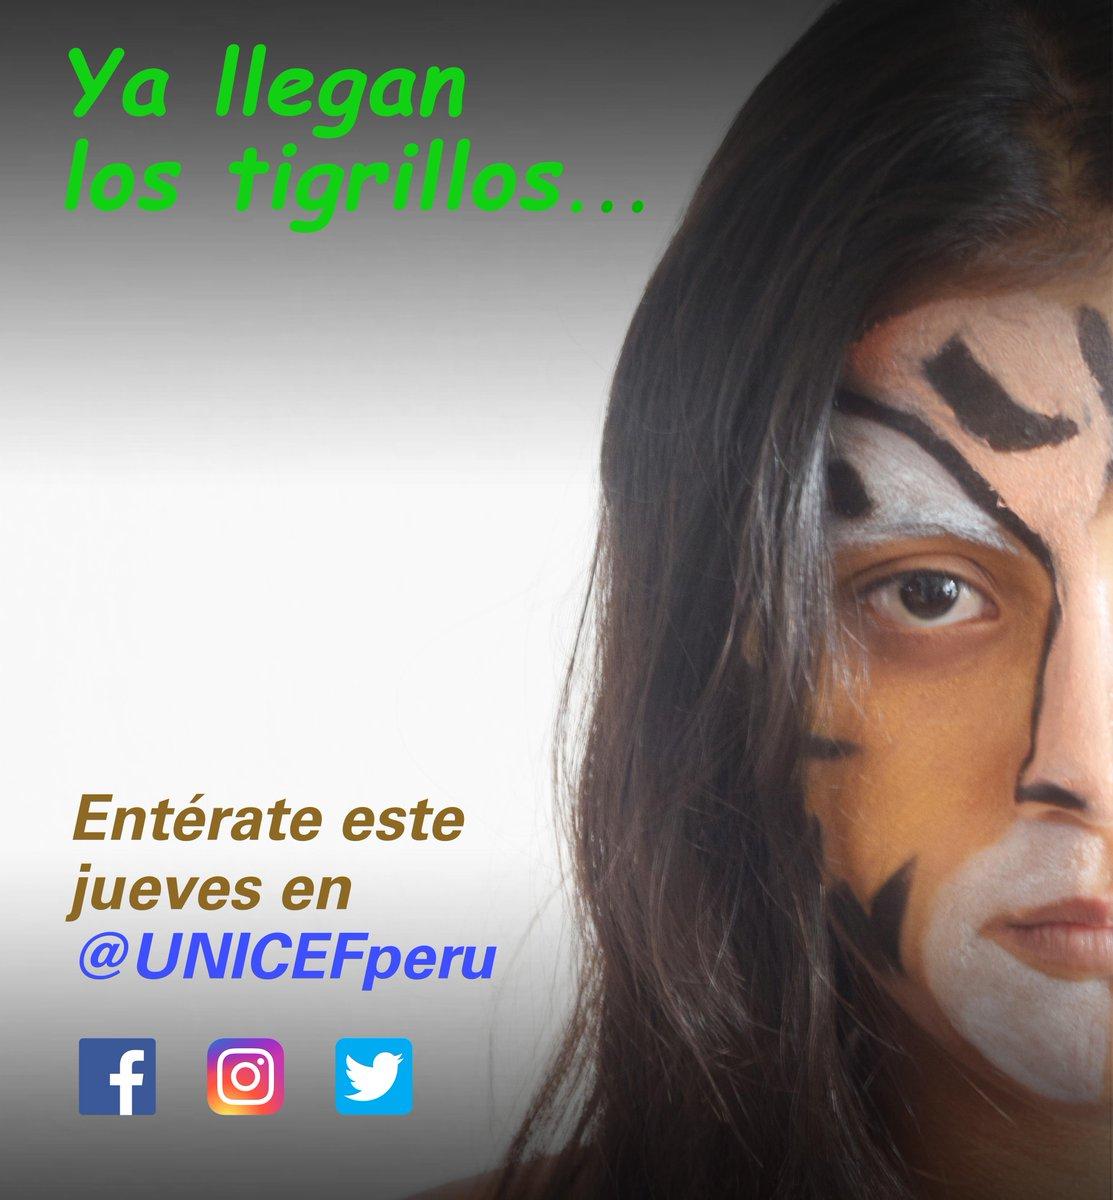 test Twitter Media - 🐯  🐯  🐯  Ya llegan los tigrillos… Síguenos en @UNICEFperu y entérate qué tienen por decir este jueves a las 11:00 a.m. https://t.co/zs1jDBPAPZ